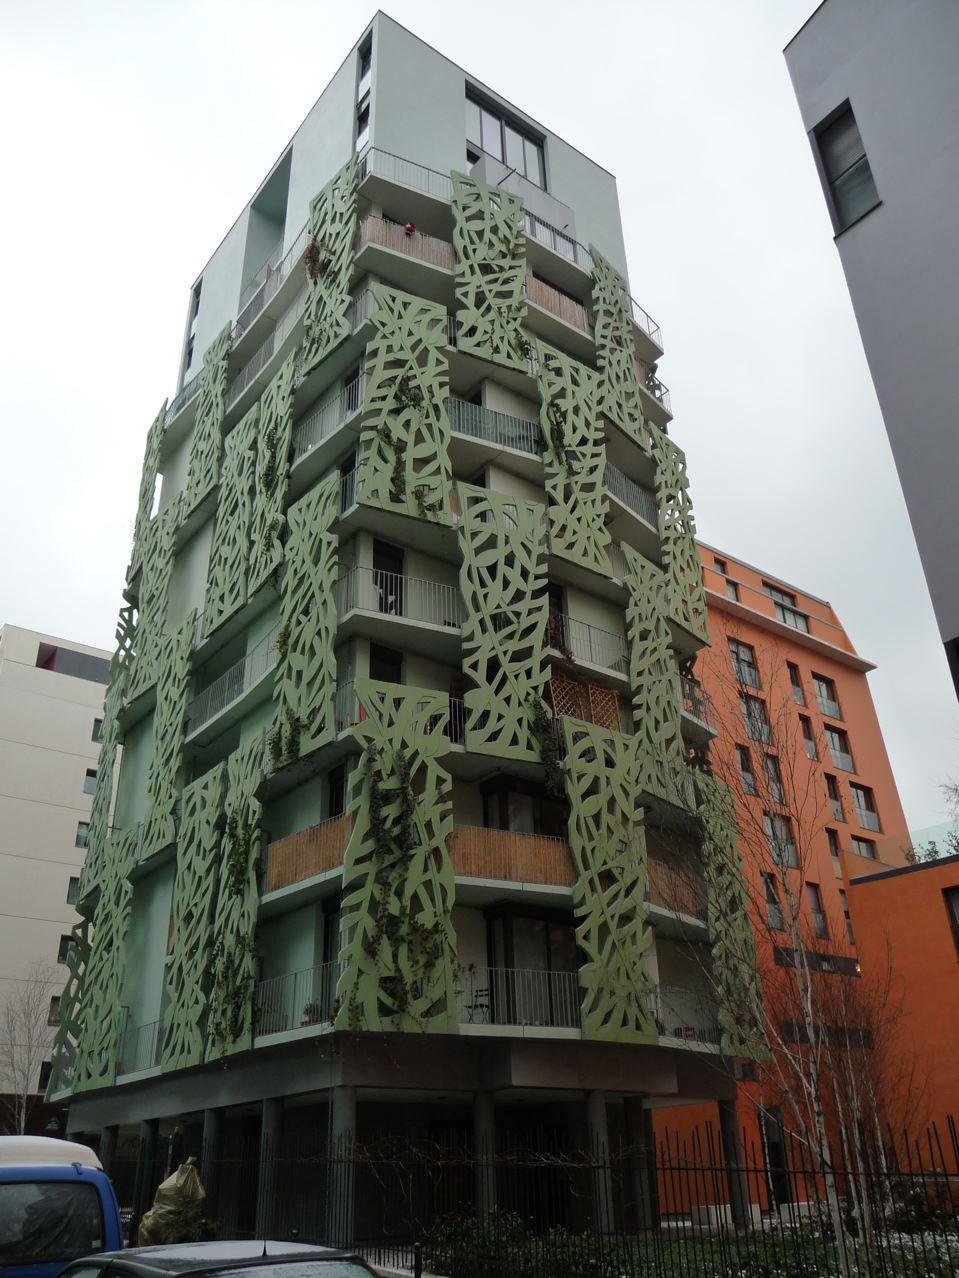 Le végétal à l'assaut des murs